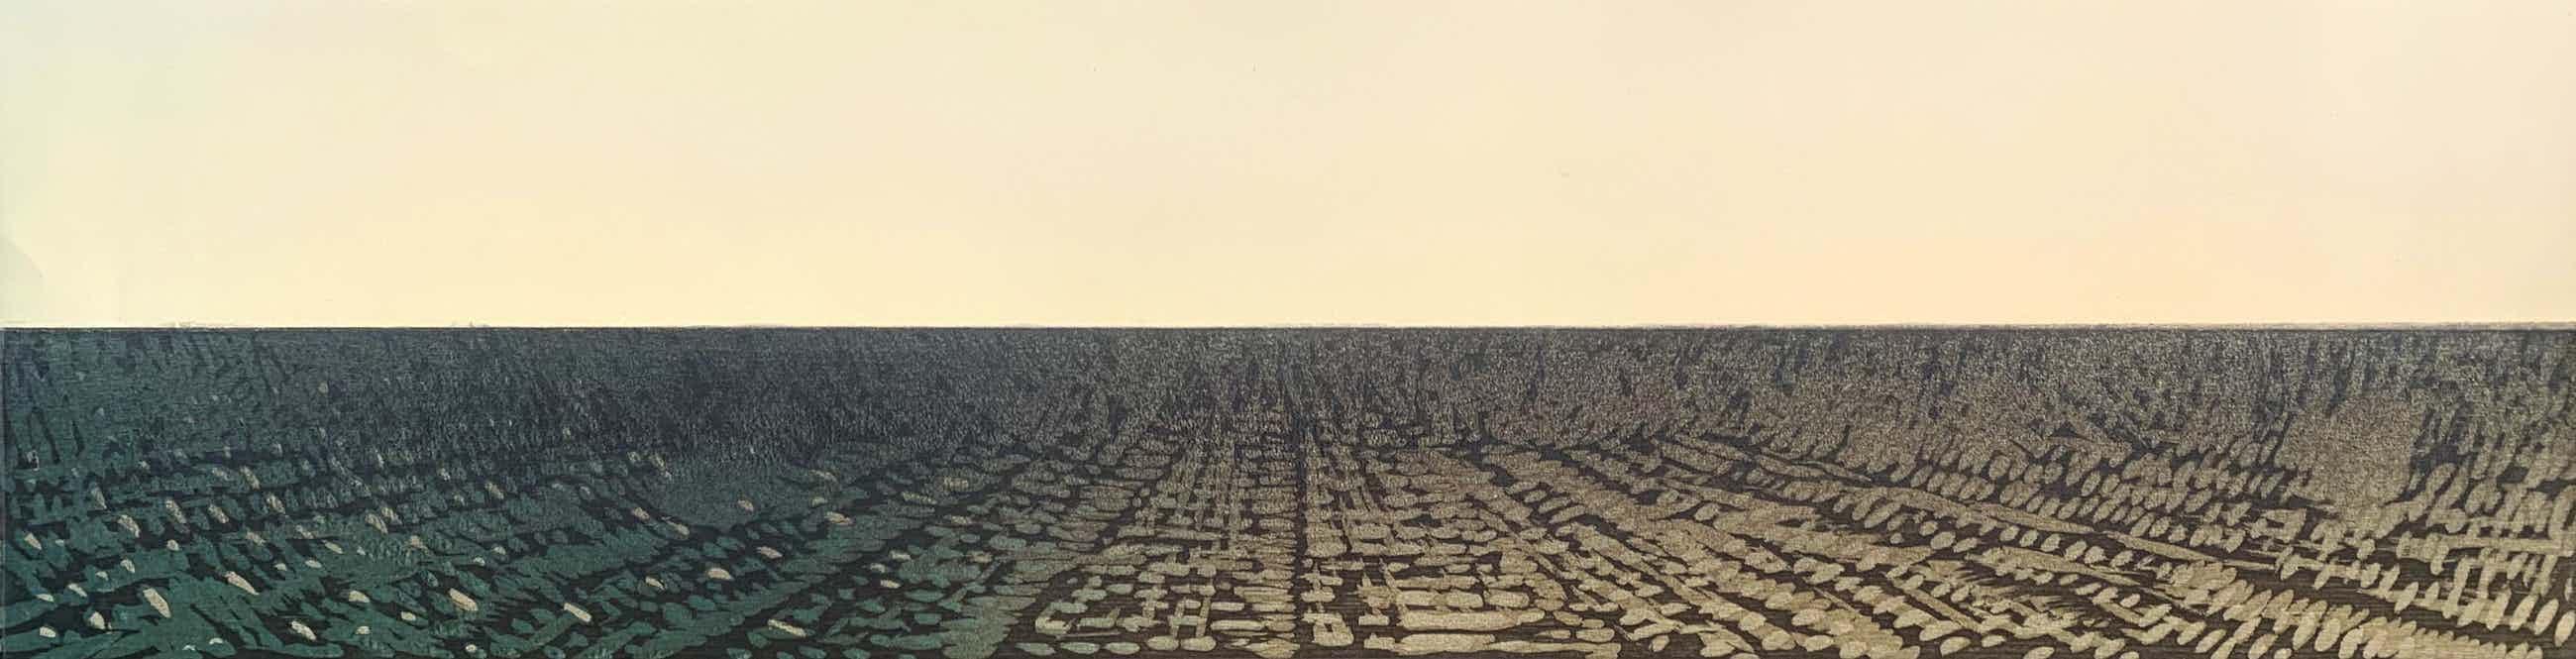 Willem de Vries - Houtsnede - 'Panorama VI' - 1986 kopen? Bied vanaf 50!